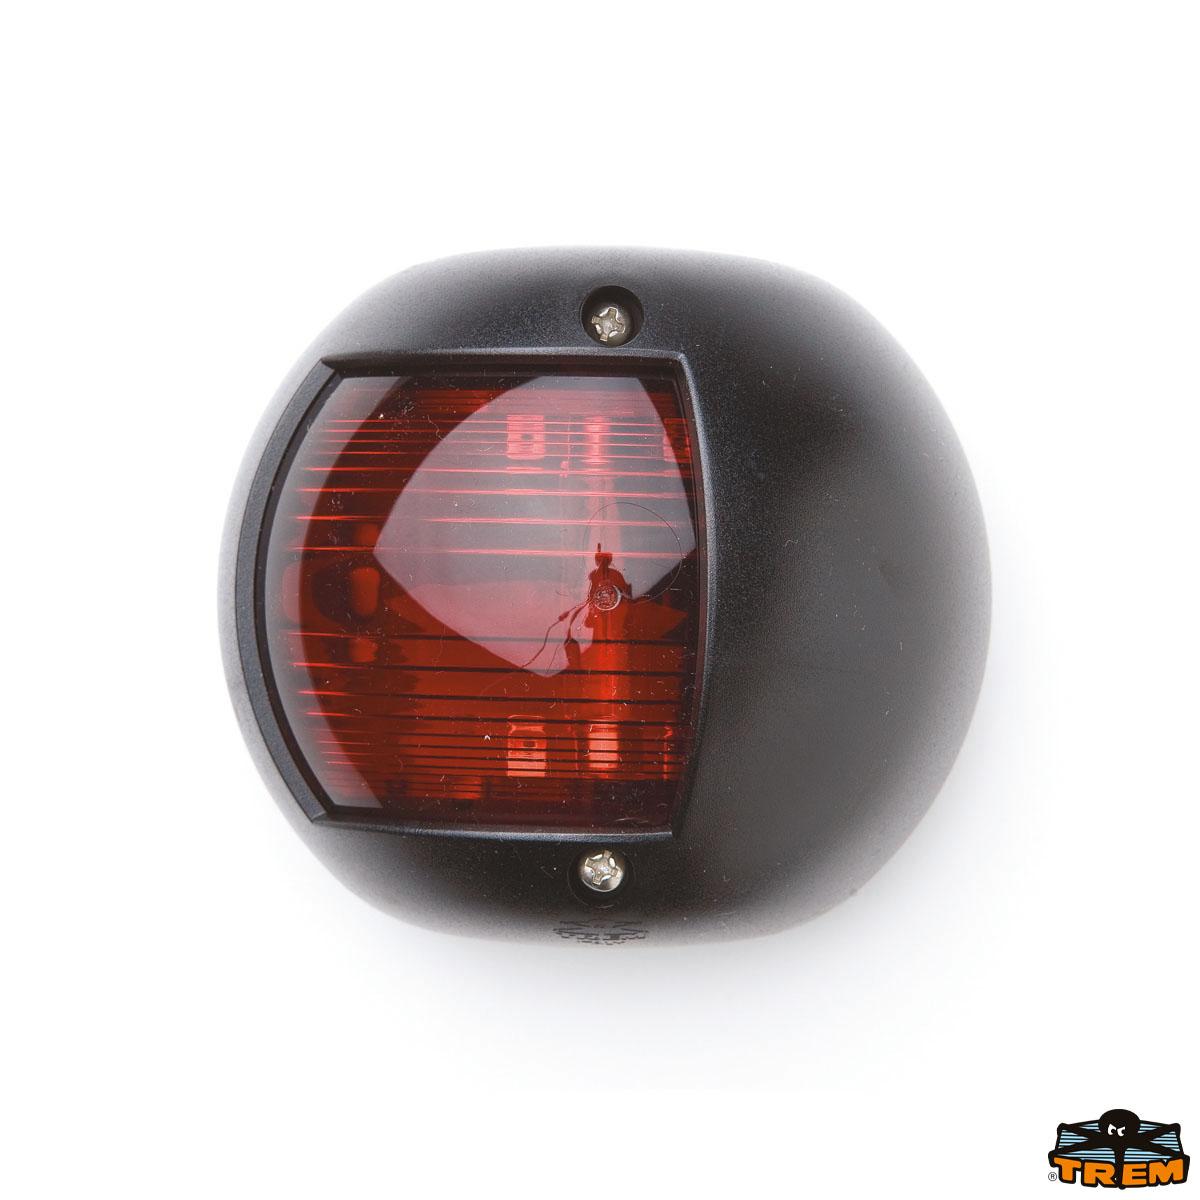 Fanale-nero-rosso-s-pol24v-20m-112-5